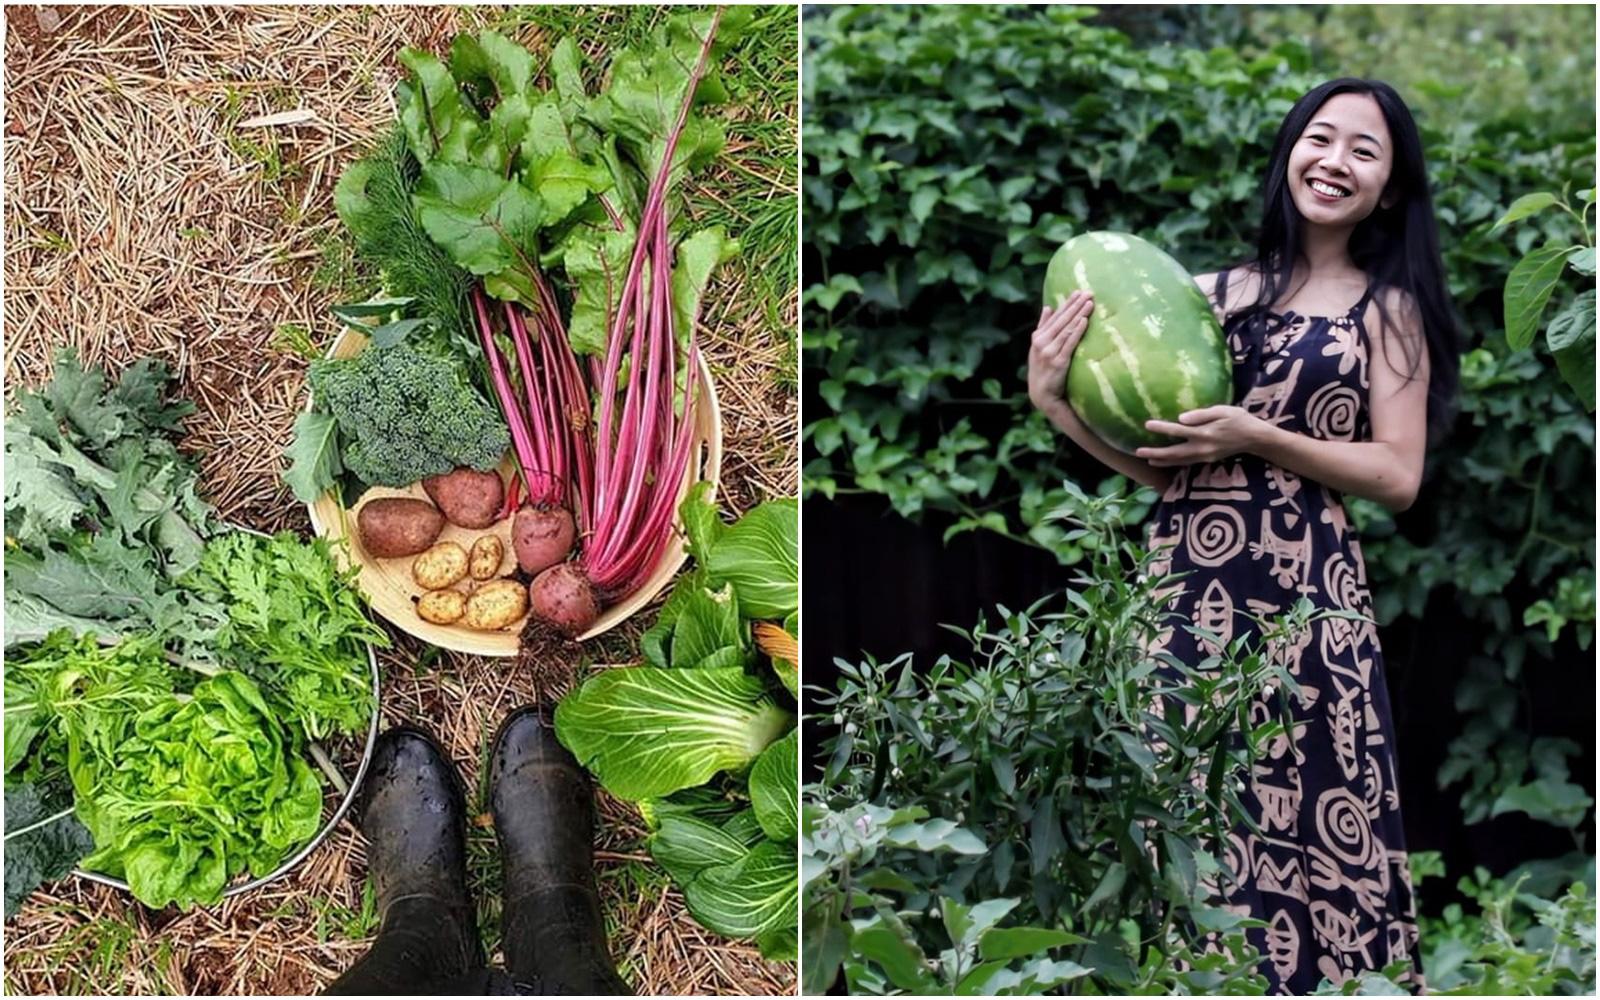 Nàng dâu Việt chia sẻ kinh nghiệm làm vườn hữu cơ từ A đến Z